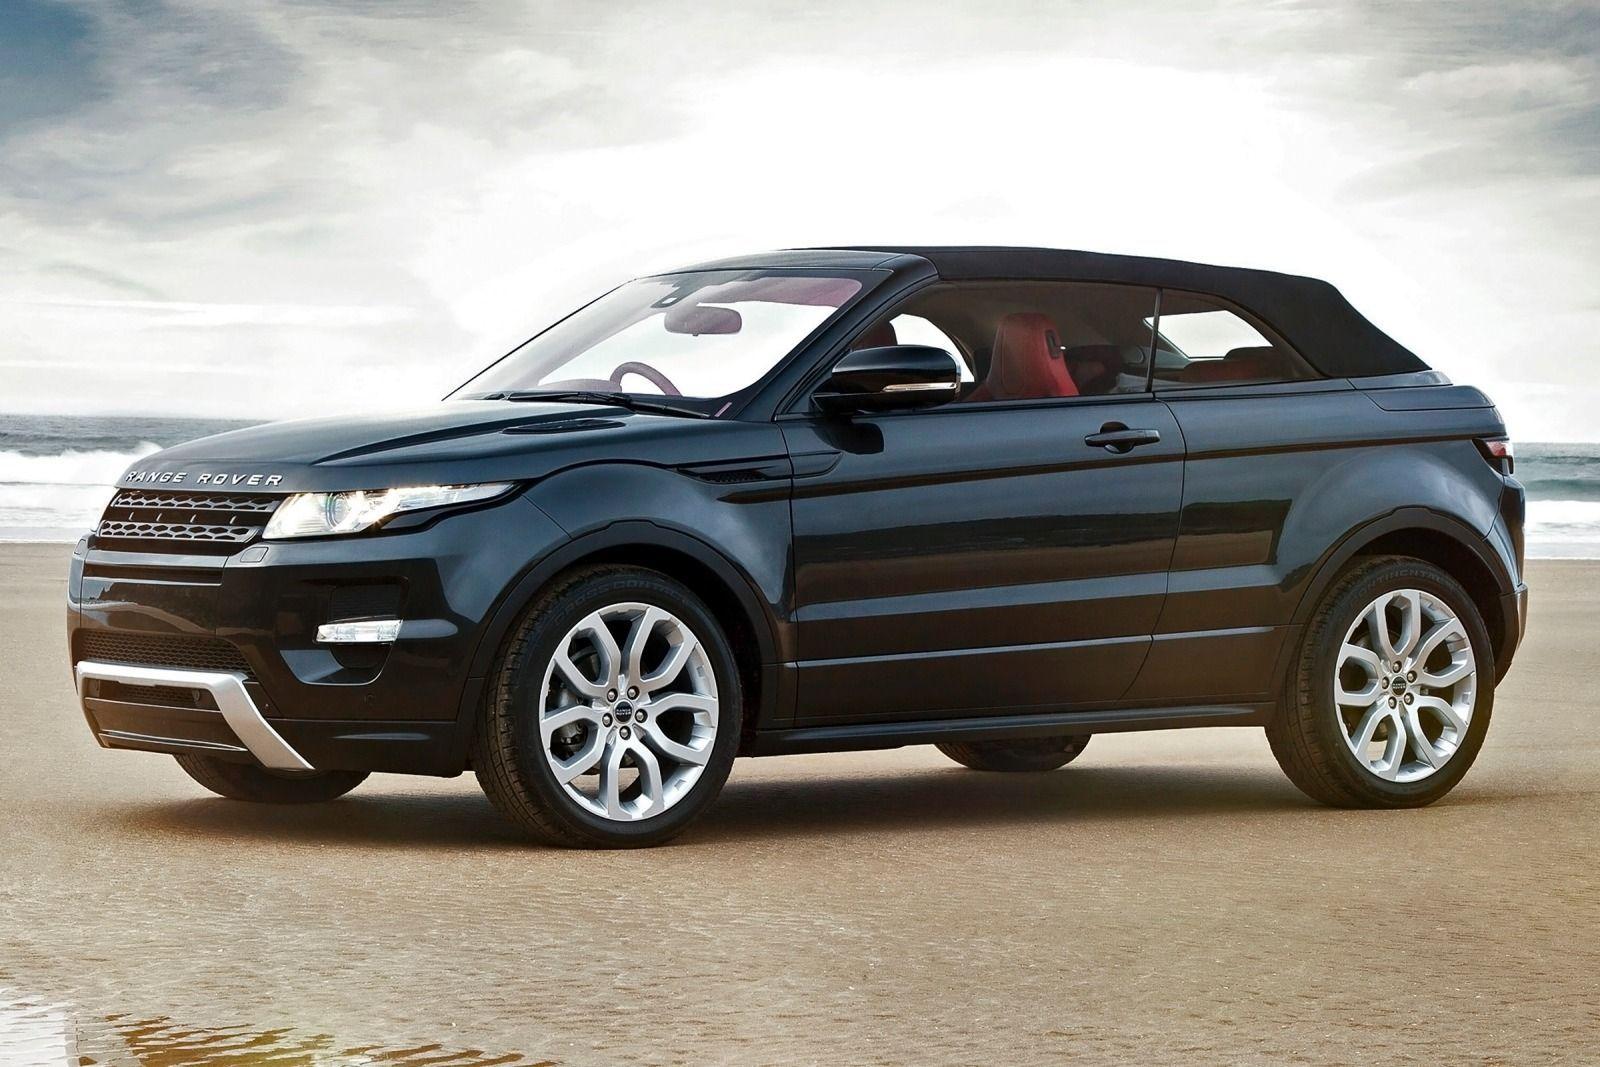 Land Rover Range Rover Evoque Convertible Range Rover Convertible Range Rover Evoque Convertible Land Rover Models